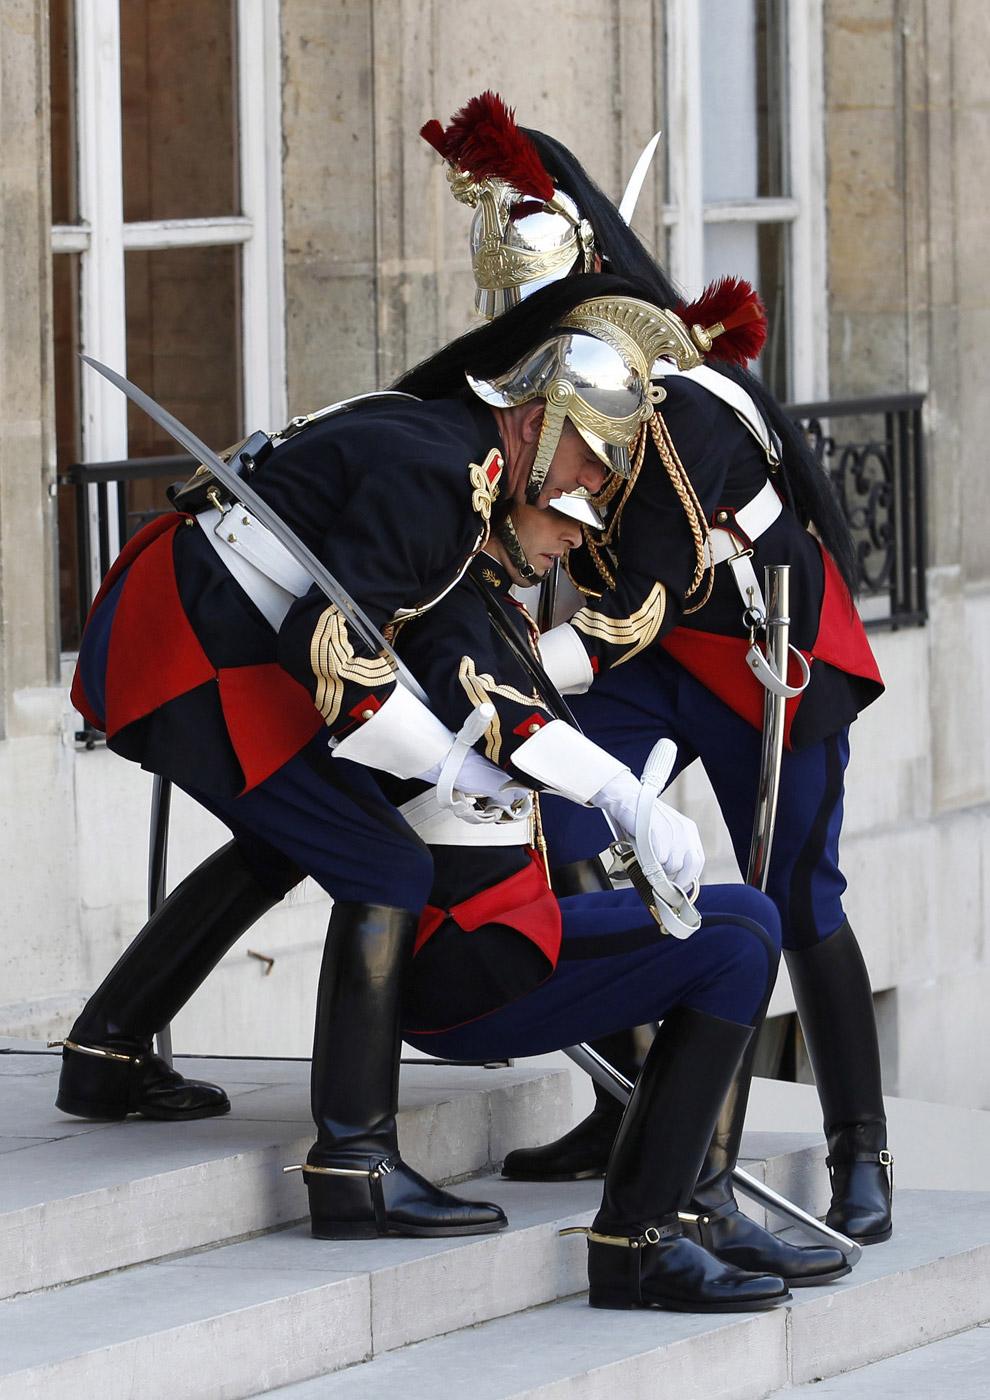 Гвардеец упал в обморок на ступеньках Елисейского дворца в Париже